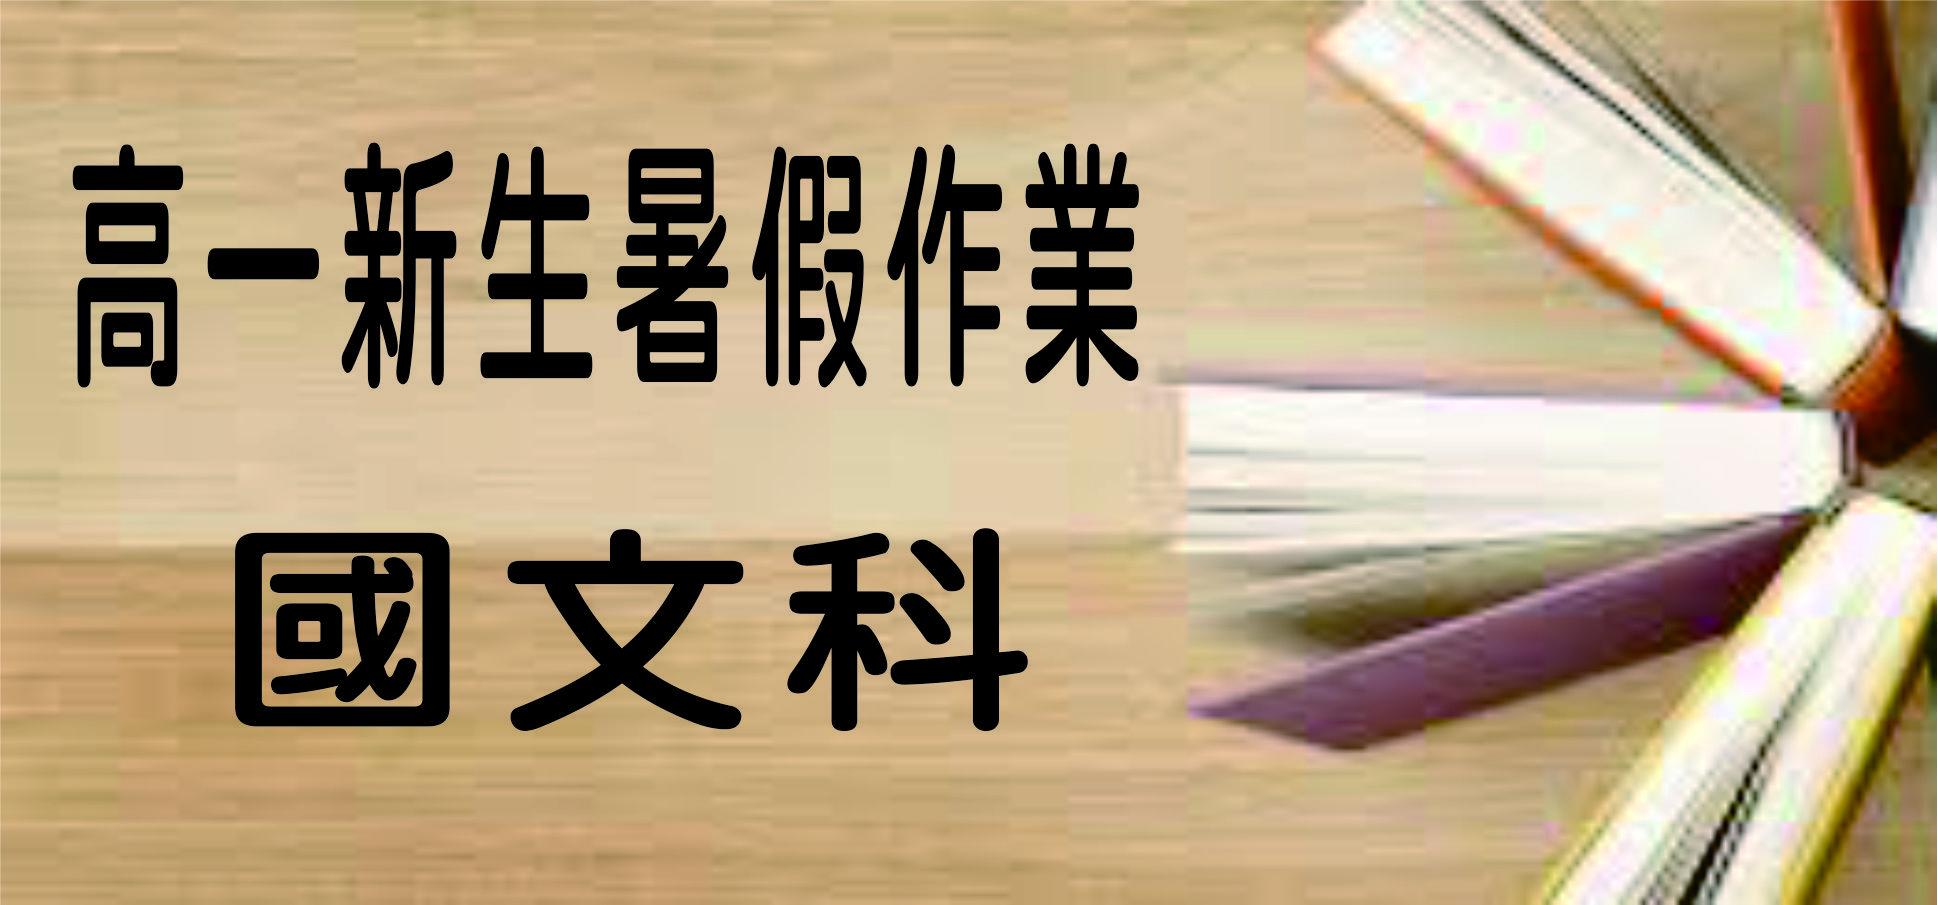 109學年度高一新生暑期國文科作業用紙